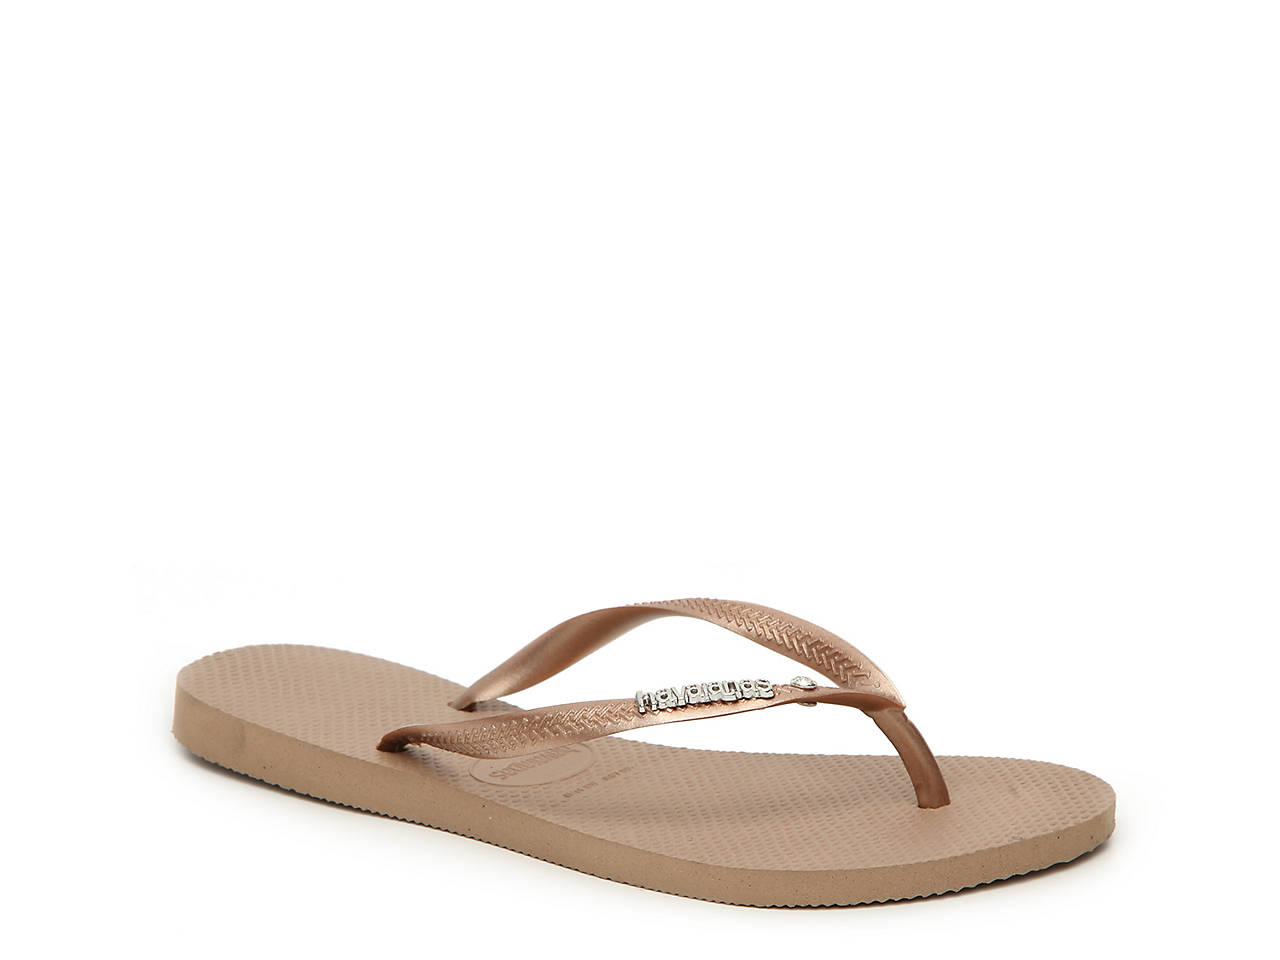 c13d3b3d3 Havaianas Slim Crystal Flip Flop Women s Shoes